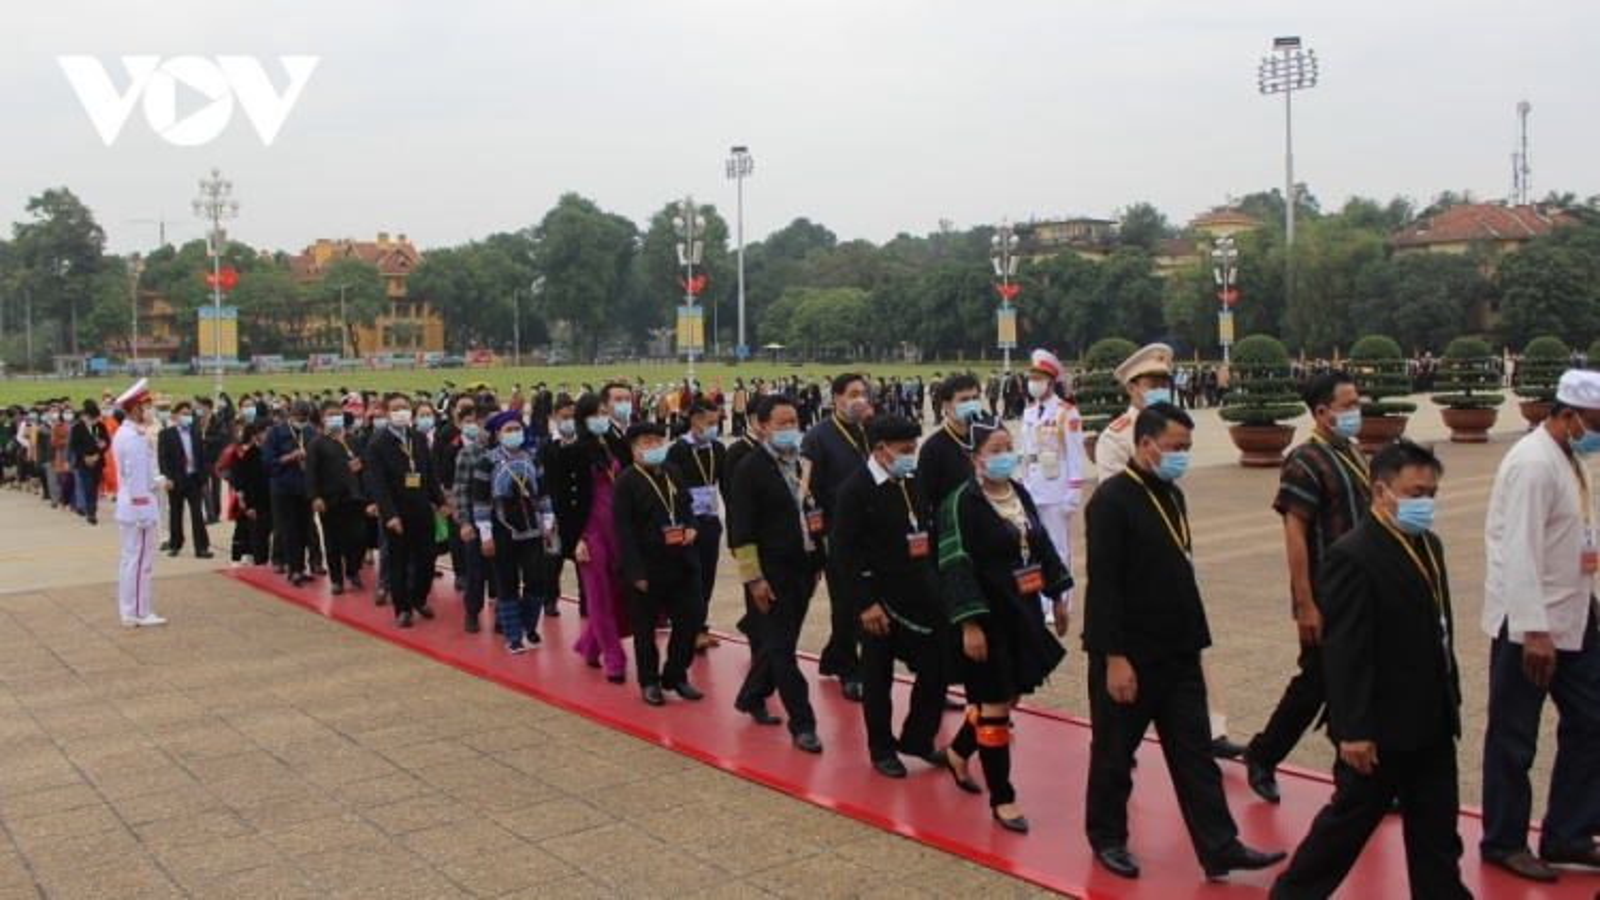 Trước thềm Đại hội đại biểu Toàn quốc các Dân tộc thiểu số Việt Nam lần thứ 2